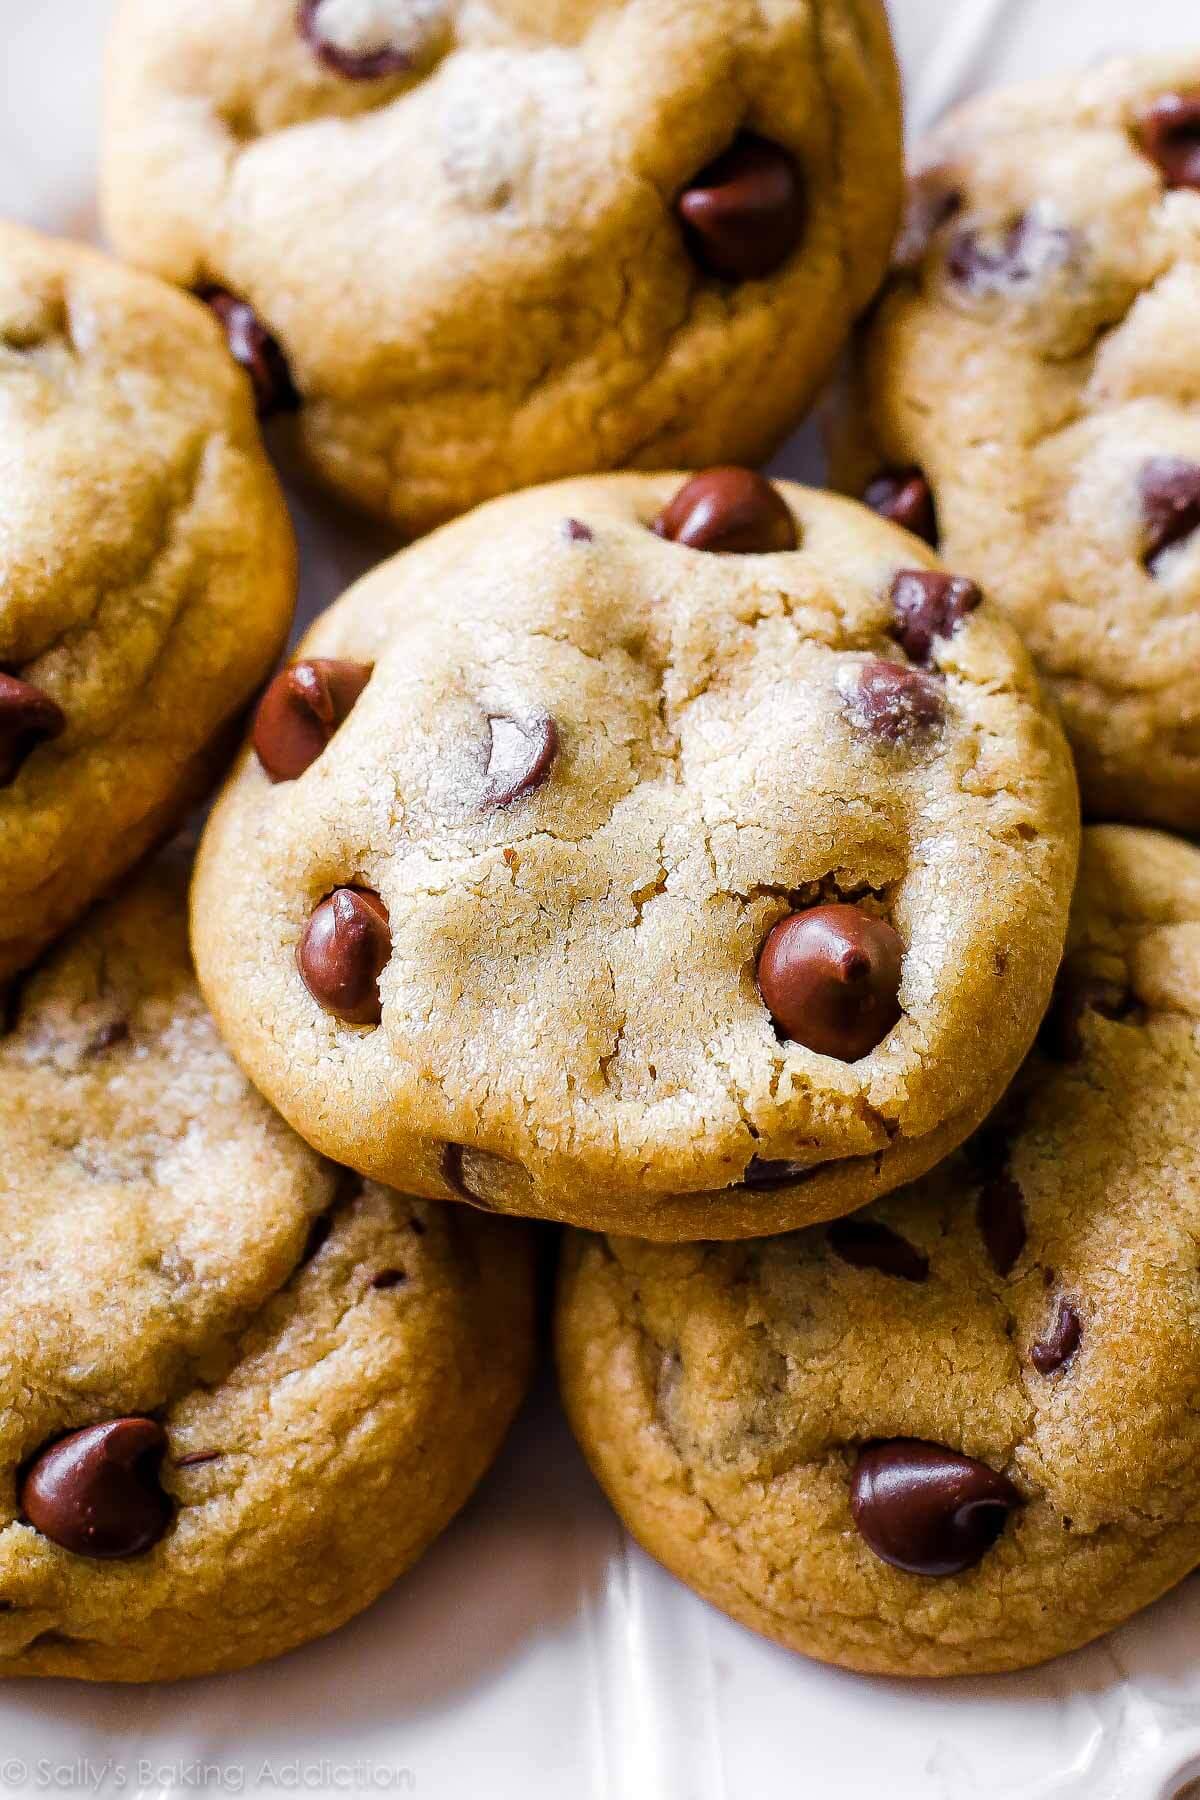 Vous n'avez pas eu de cookie aux pépites de chocolat jusqu'à ce que vous ayez eu un cookie aux pépites de chocolat au beurre brun! Recette sur sallysbakingaddiction.com